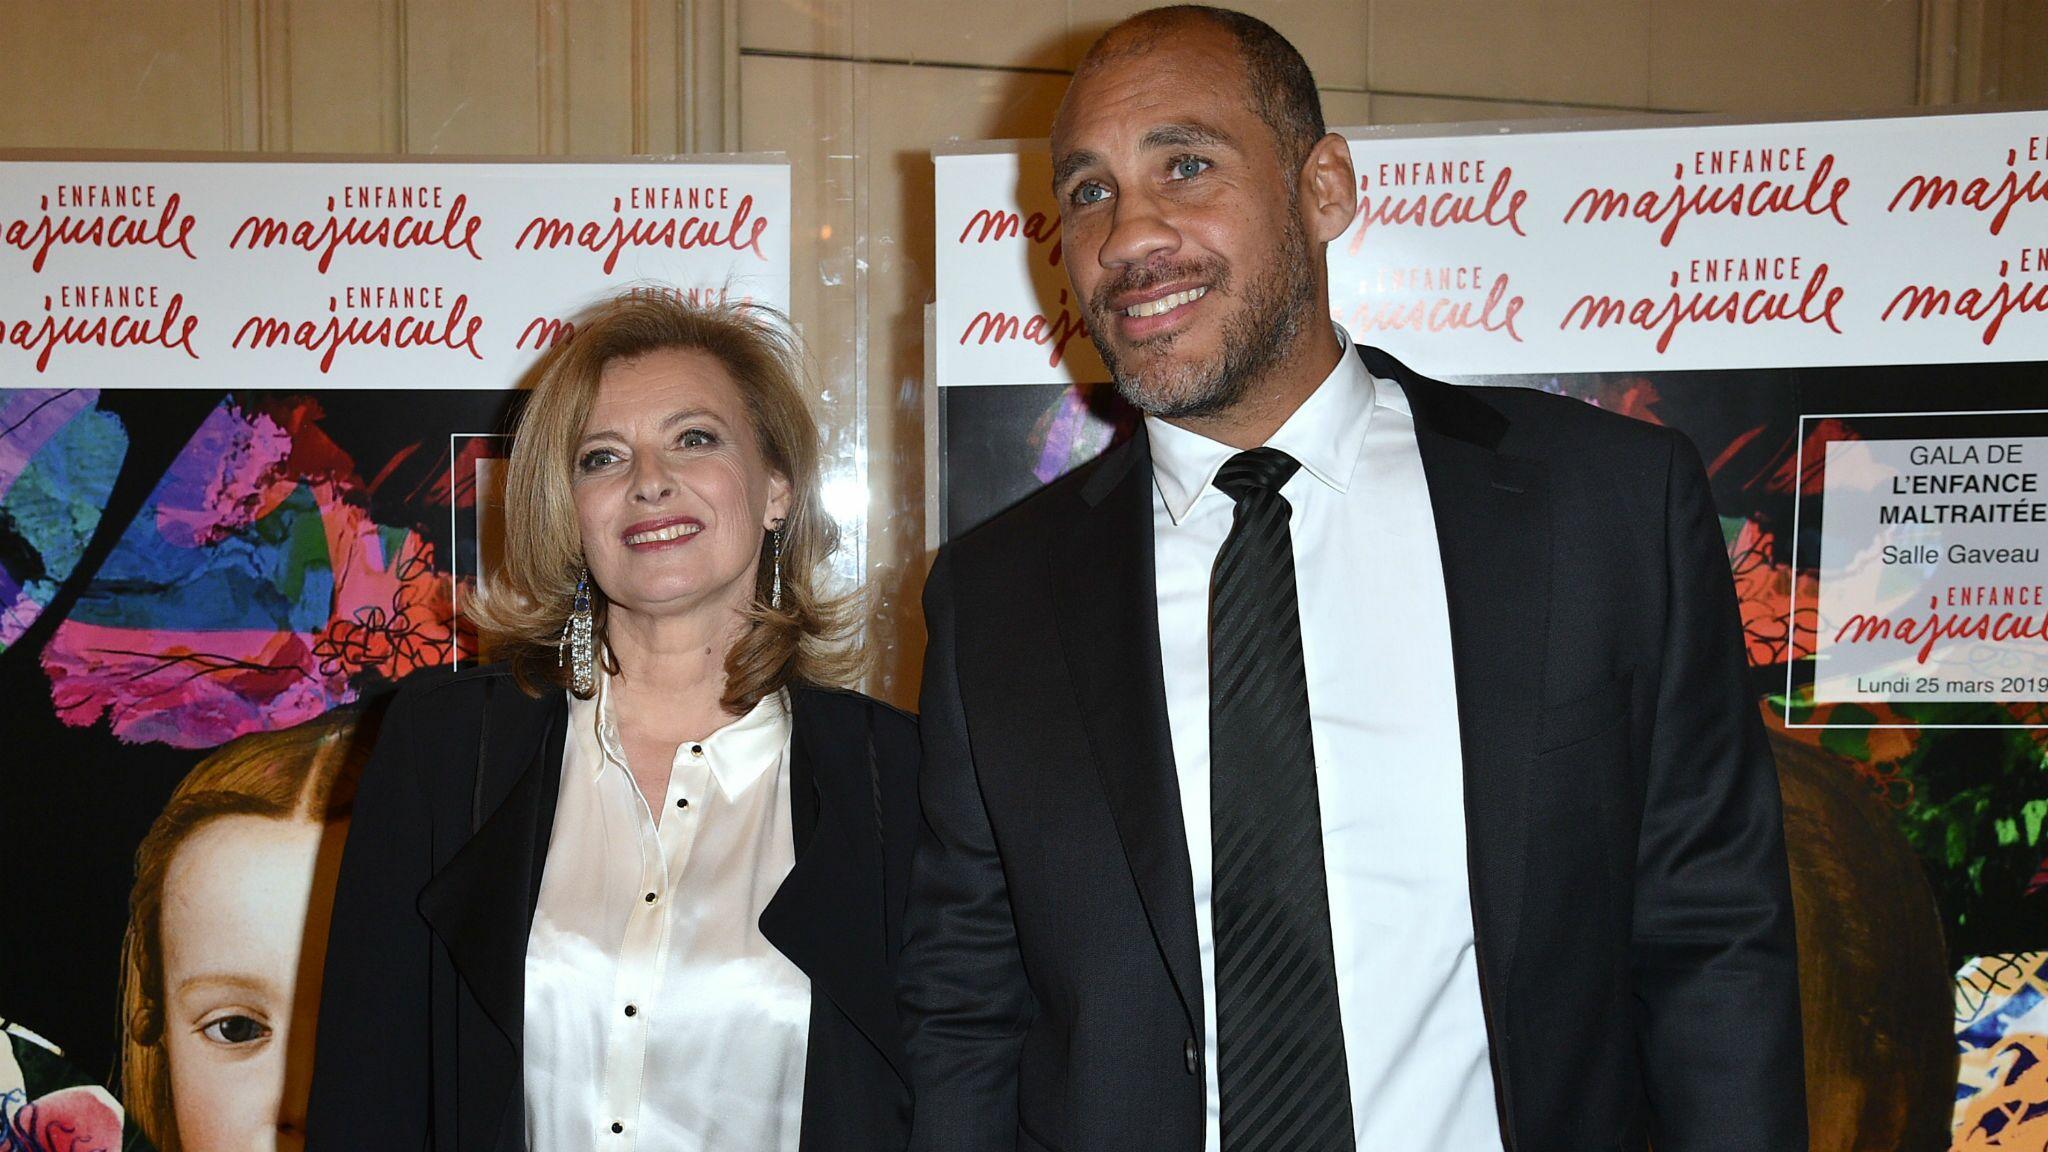 Valérie Trierweiler : son compagnon Romain Magellan n'était pas célibataire lors de leur rencontre